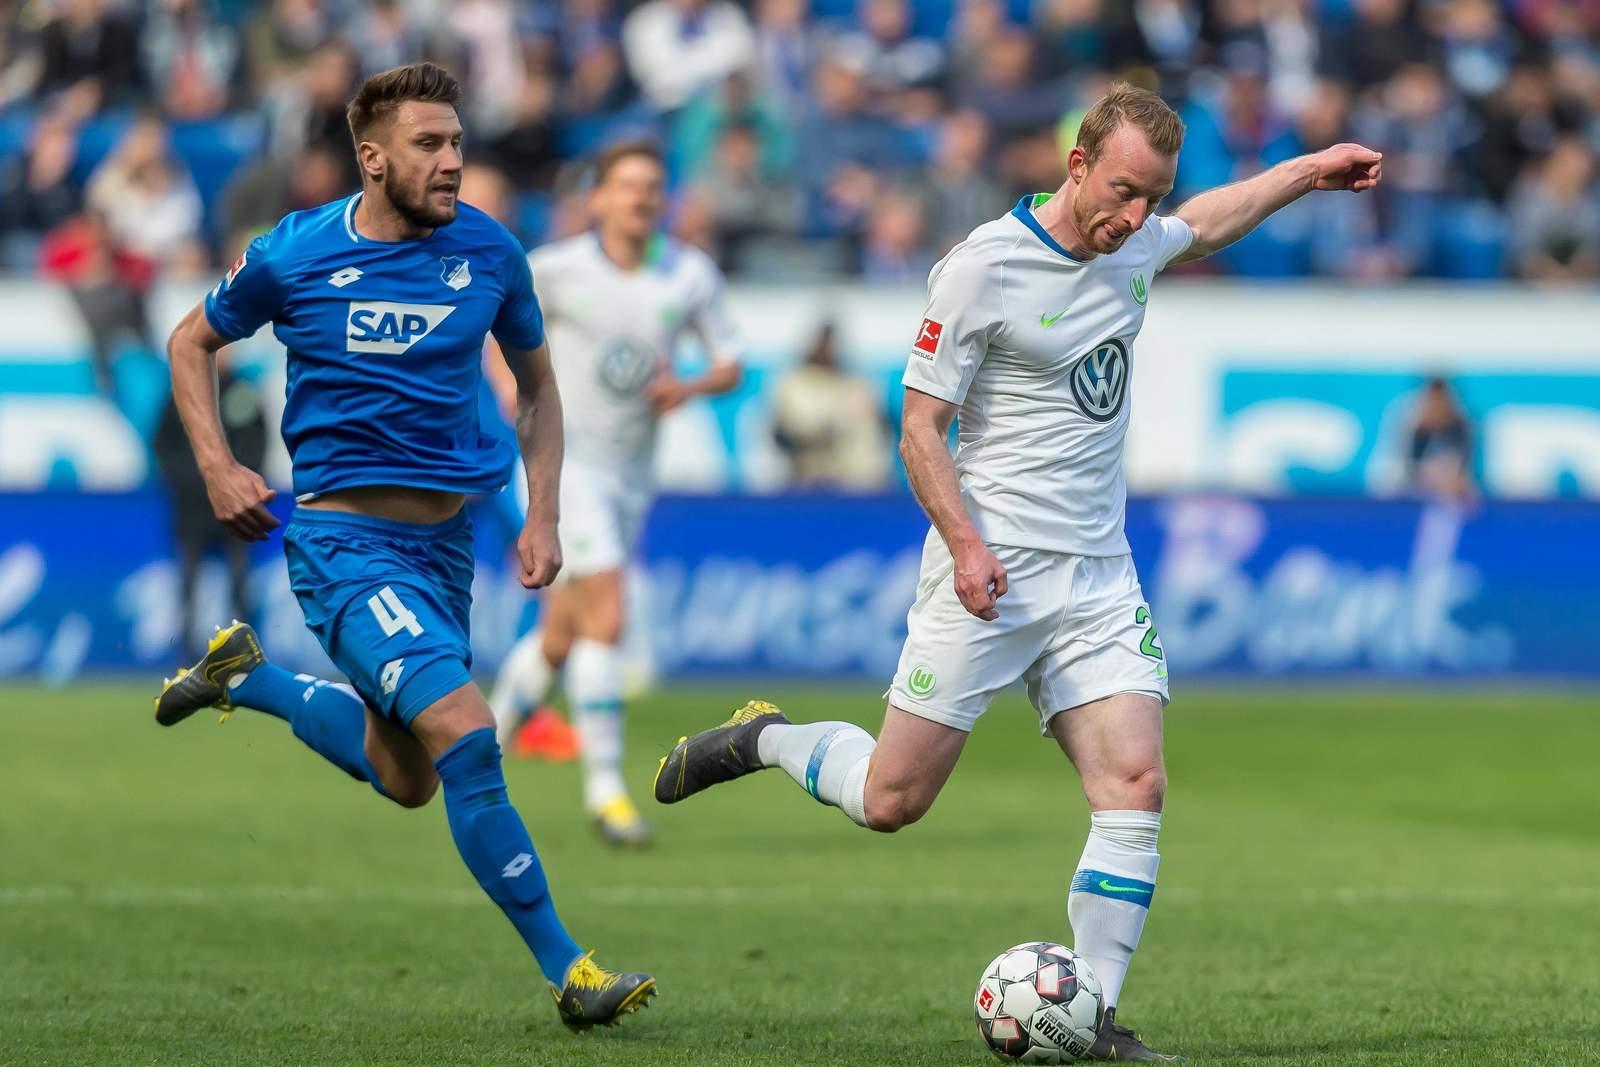 Setzt sich Arnold wieder gegen Bicakcic durch? Unser Tipp: Wolfsburg gewinnt gegen Hoffenheim